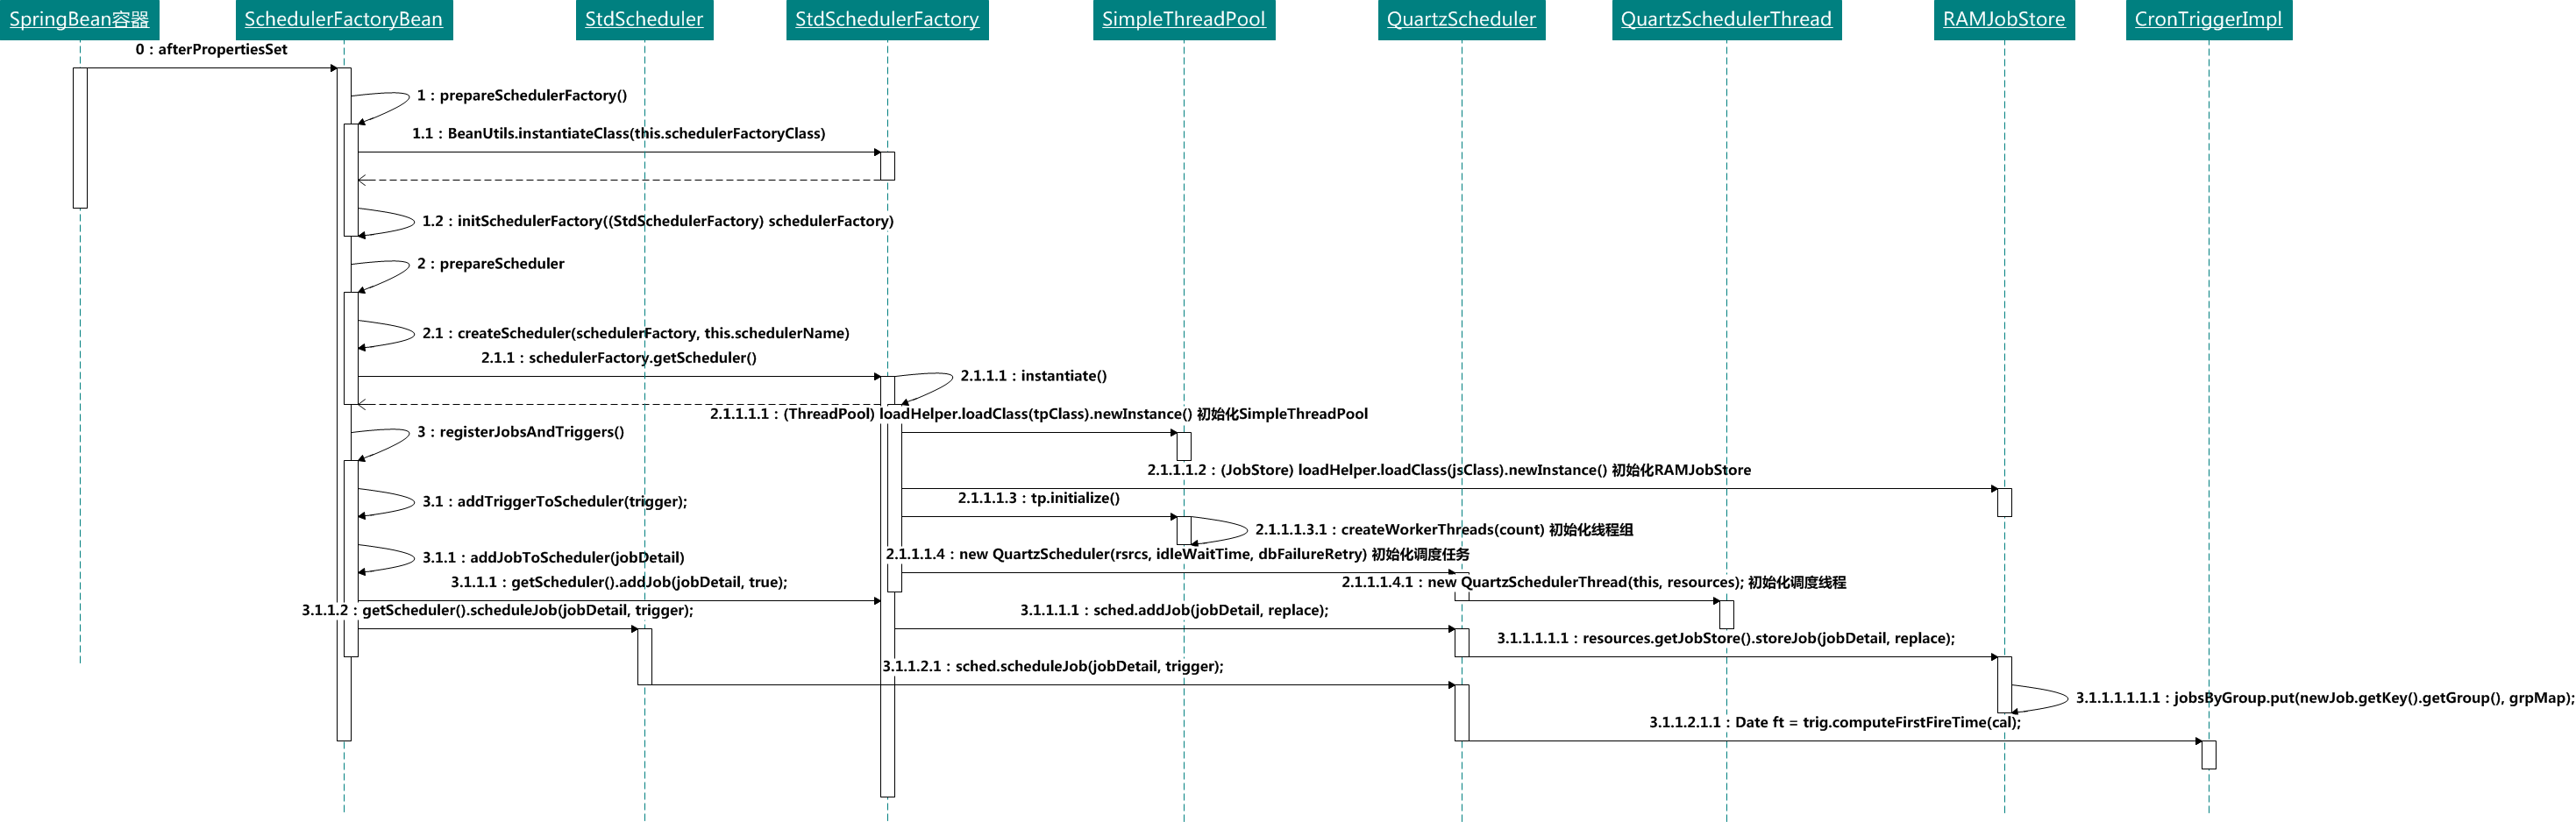 微信公众号:bugstack虫洞栈 & 调度工程初始化流程